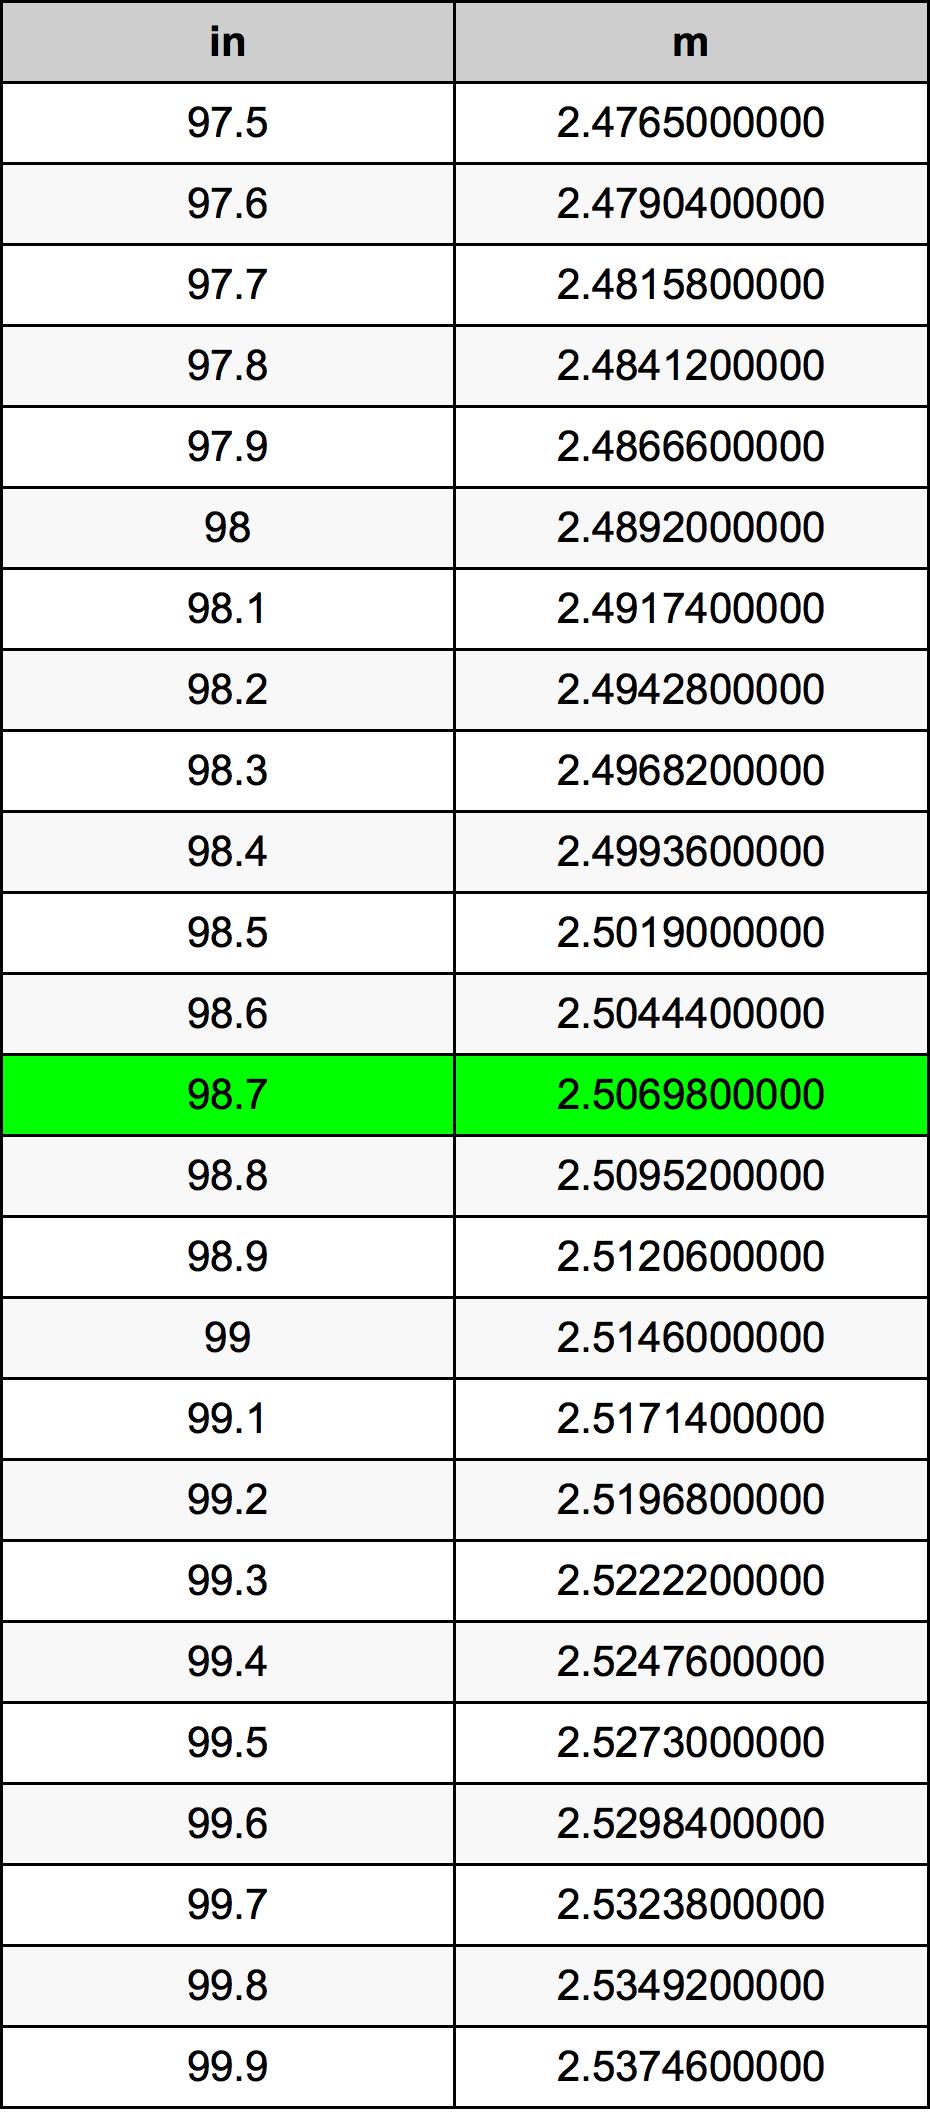 98.7 Tomme omregningstabel